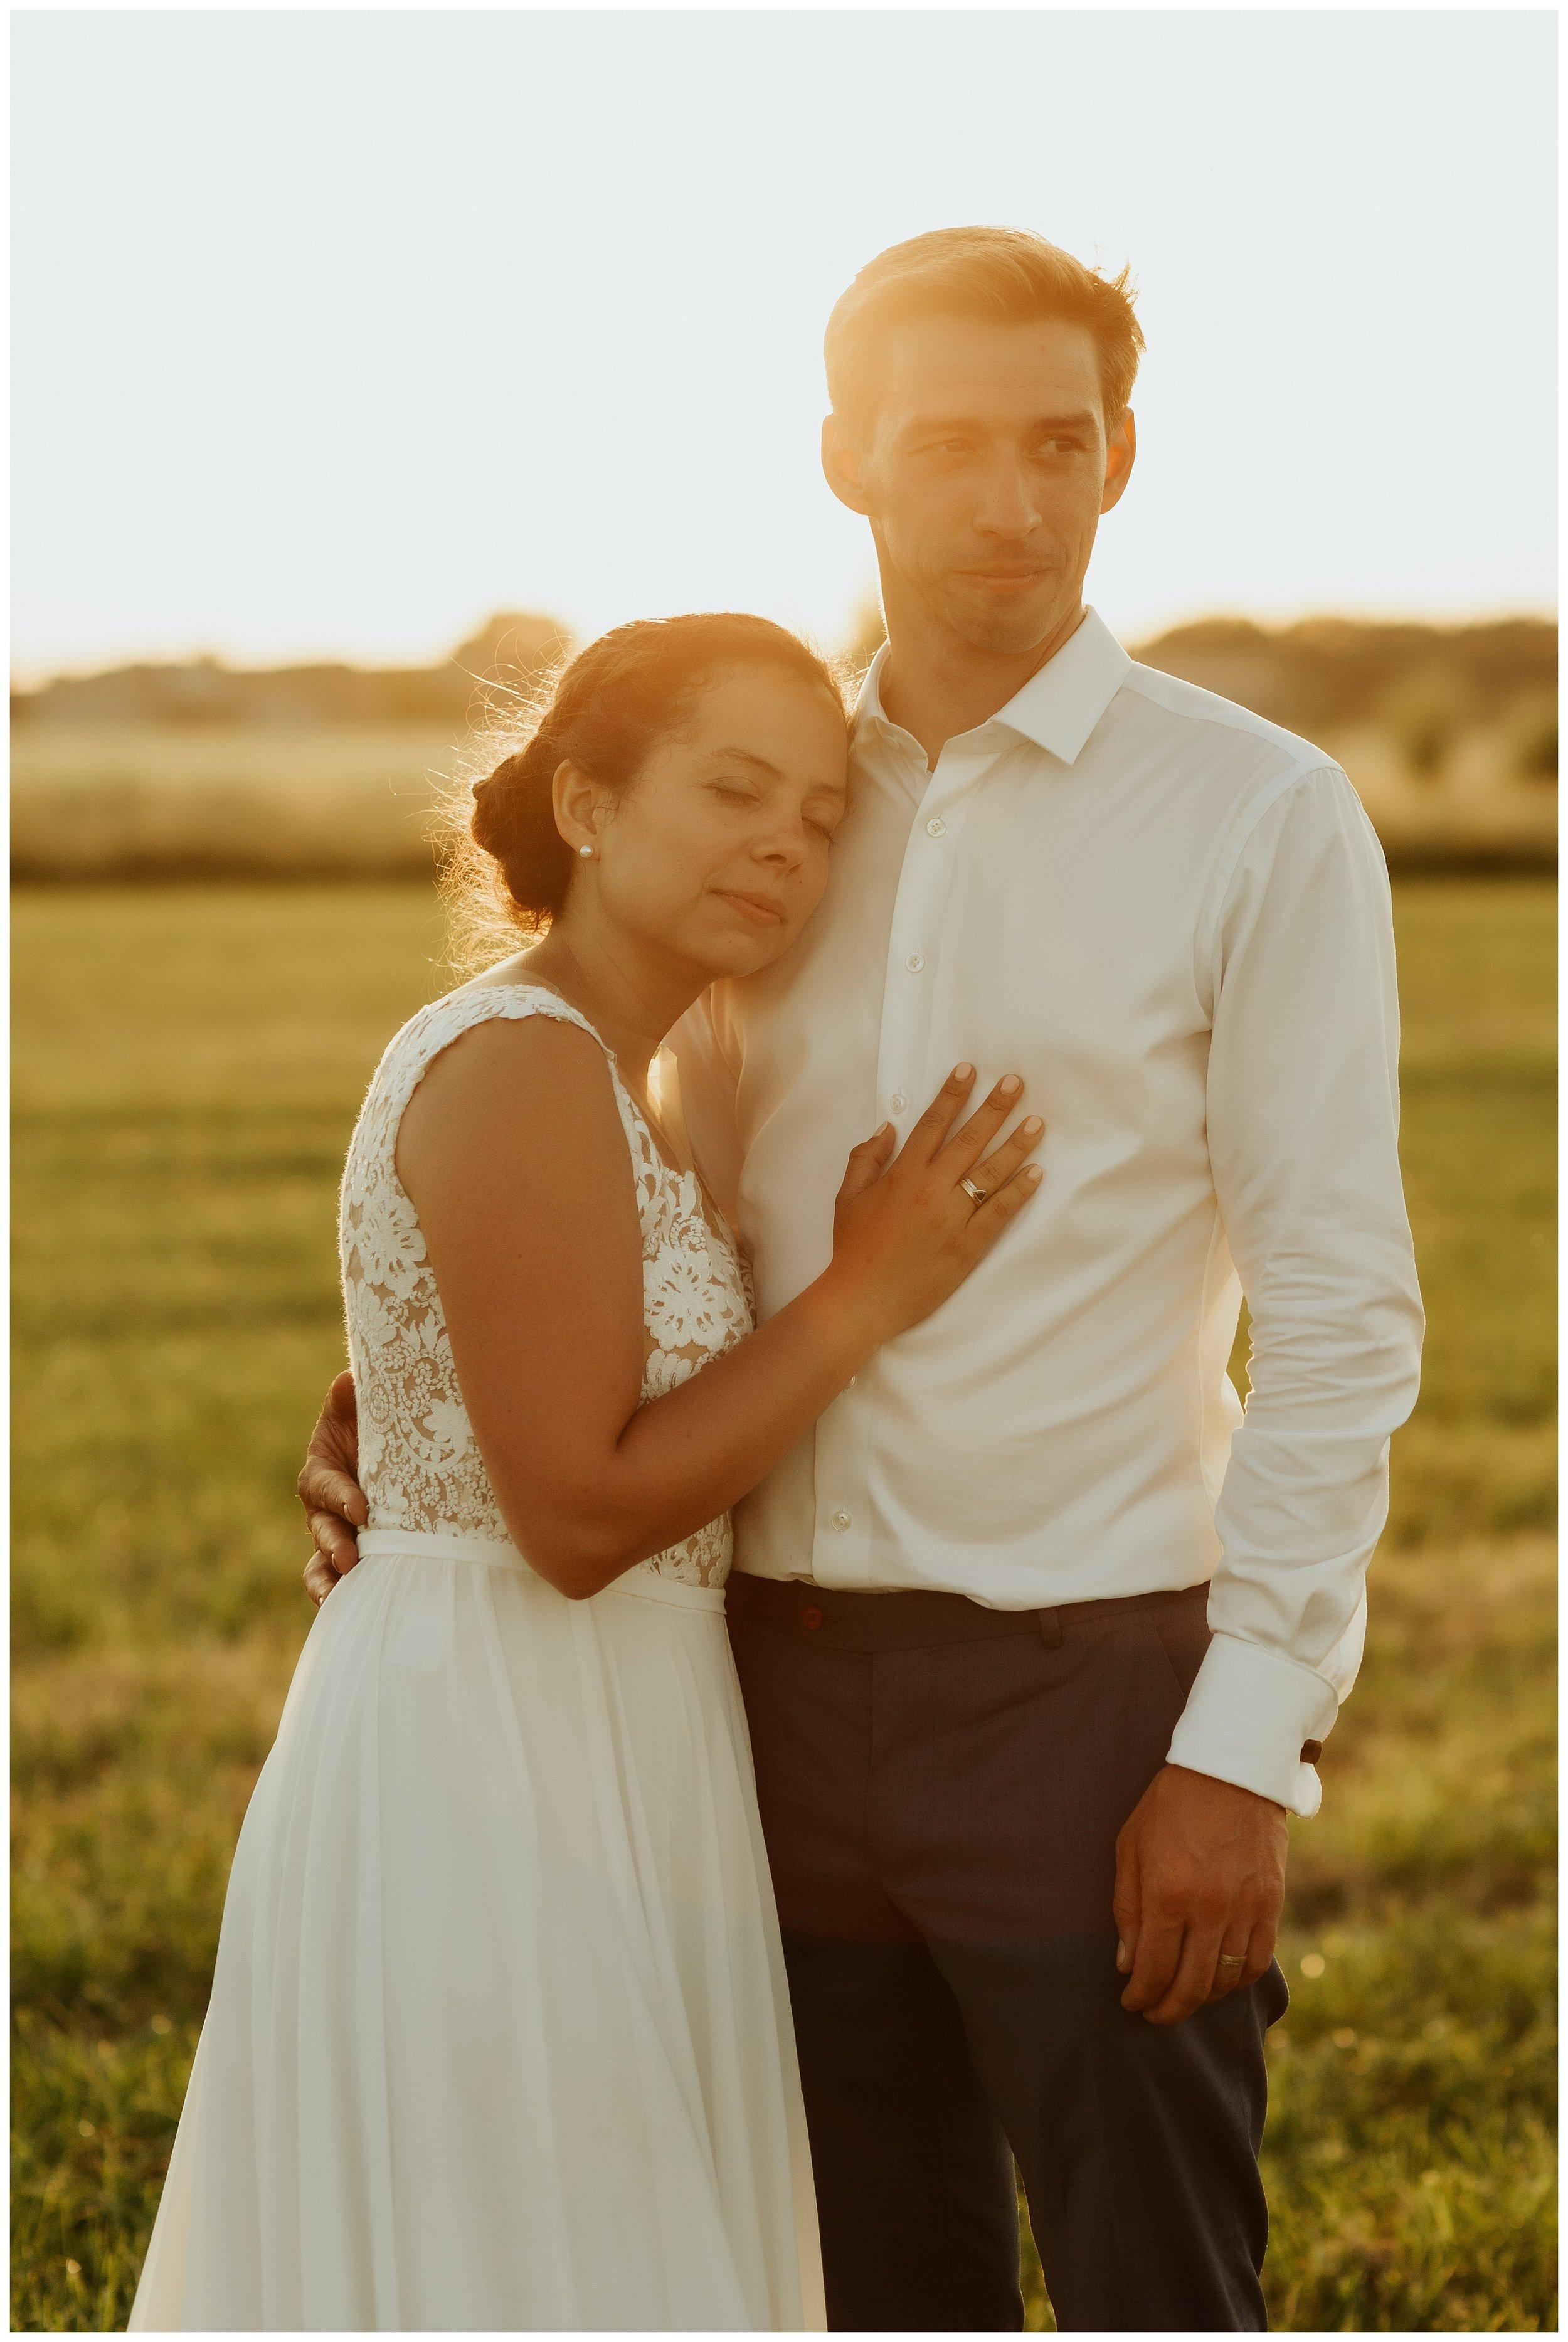 huwelijksfotograaf-huwelijksfotografie-knokke-heist-lisa-helsen-photography-trouwfotograaf-trouwfoto-sabine-pieter_0036.jpg